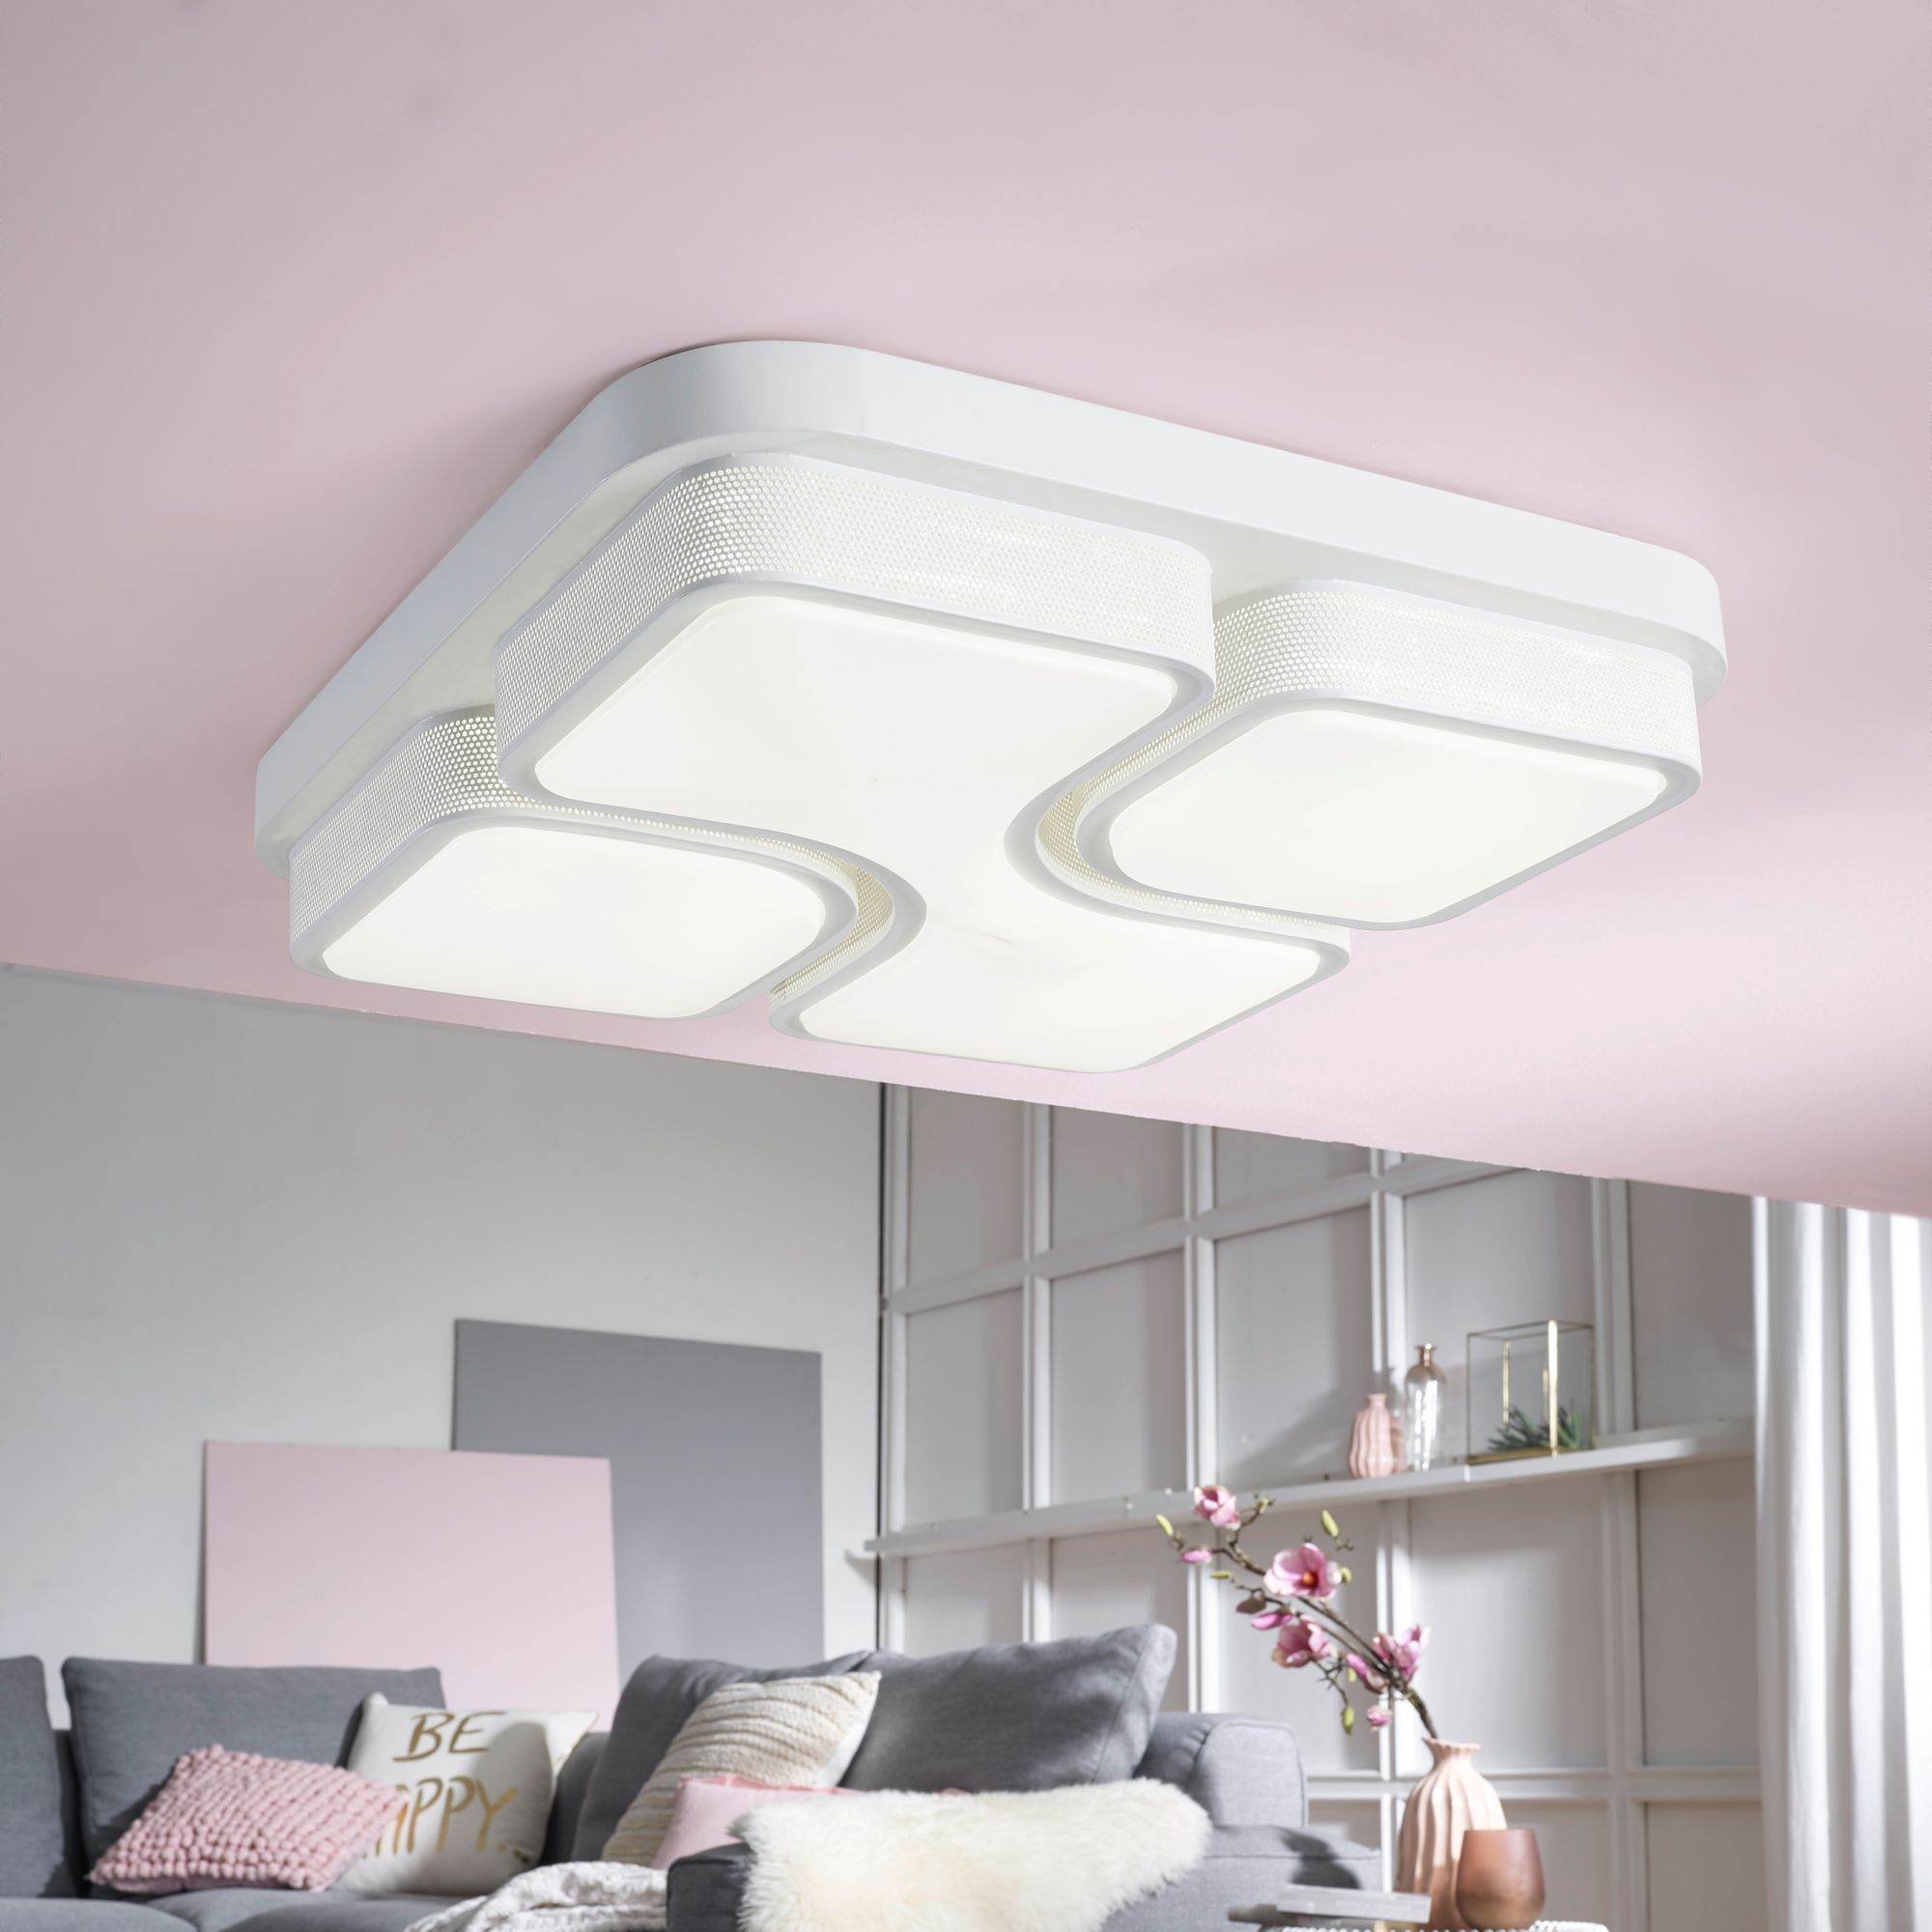 WOHNLING Design LED-Deckenleuchte GEOMETRIC Deckenlampe weiß 32W A+ ...